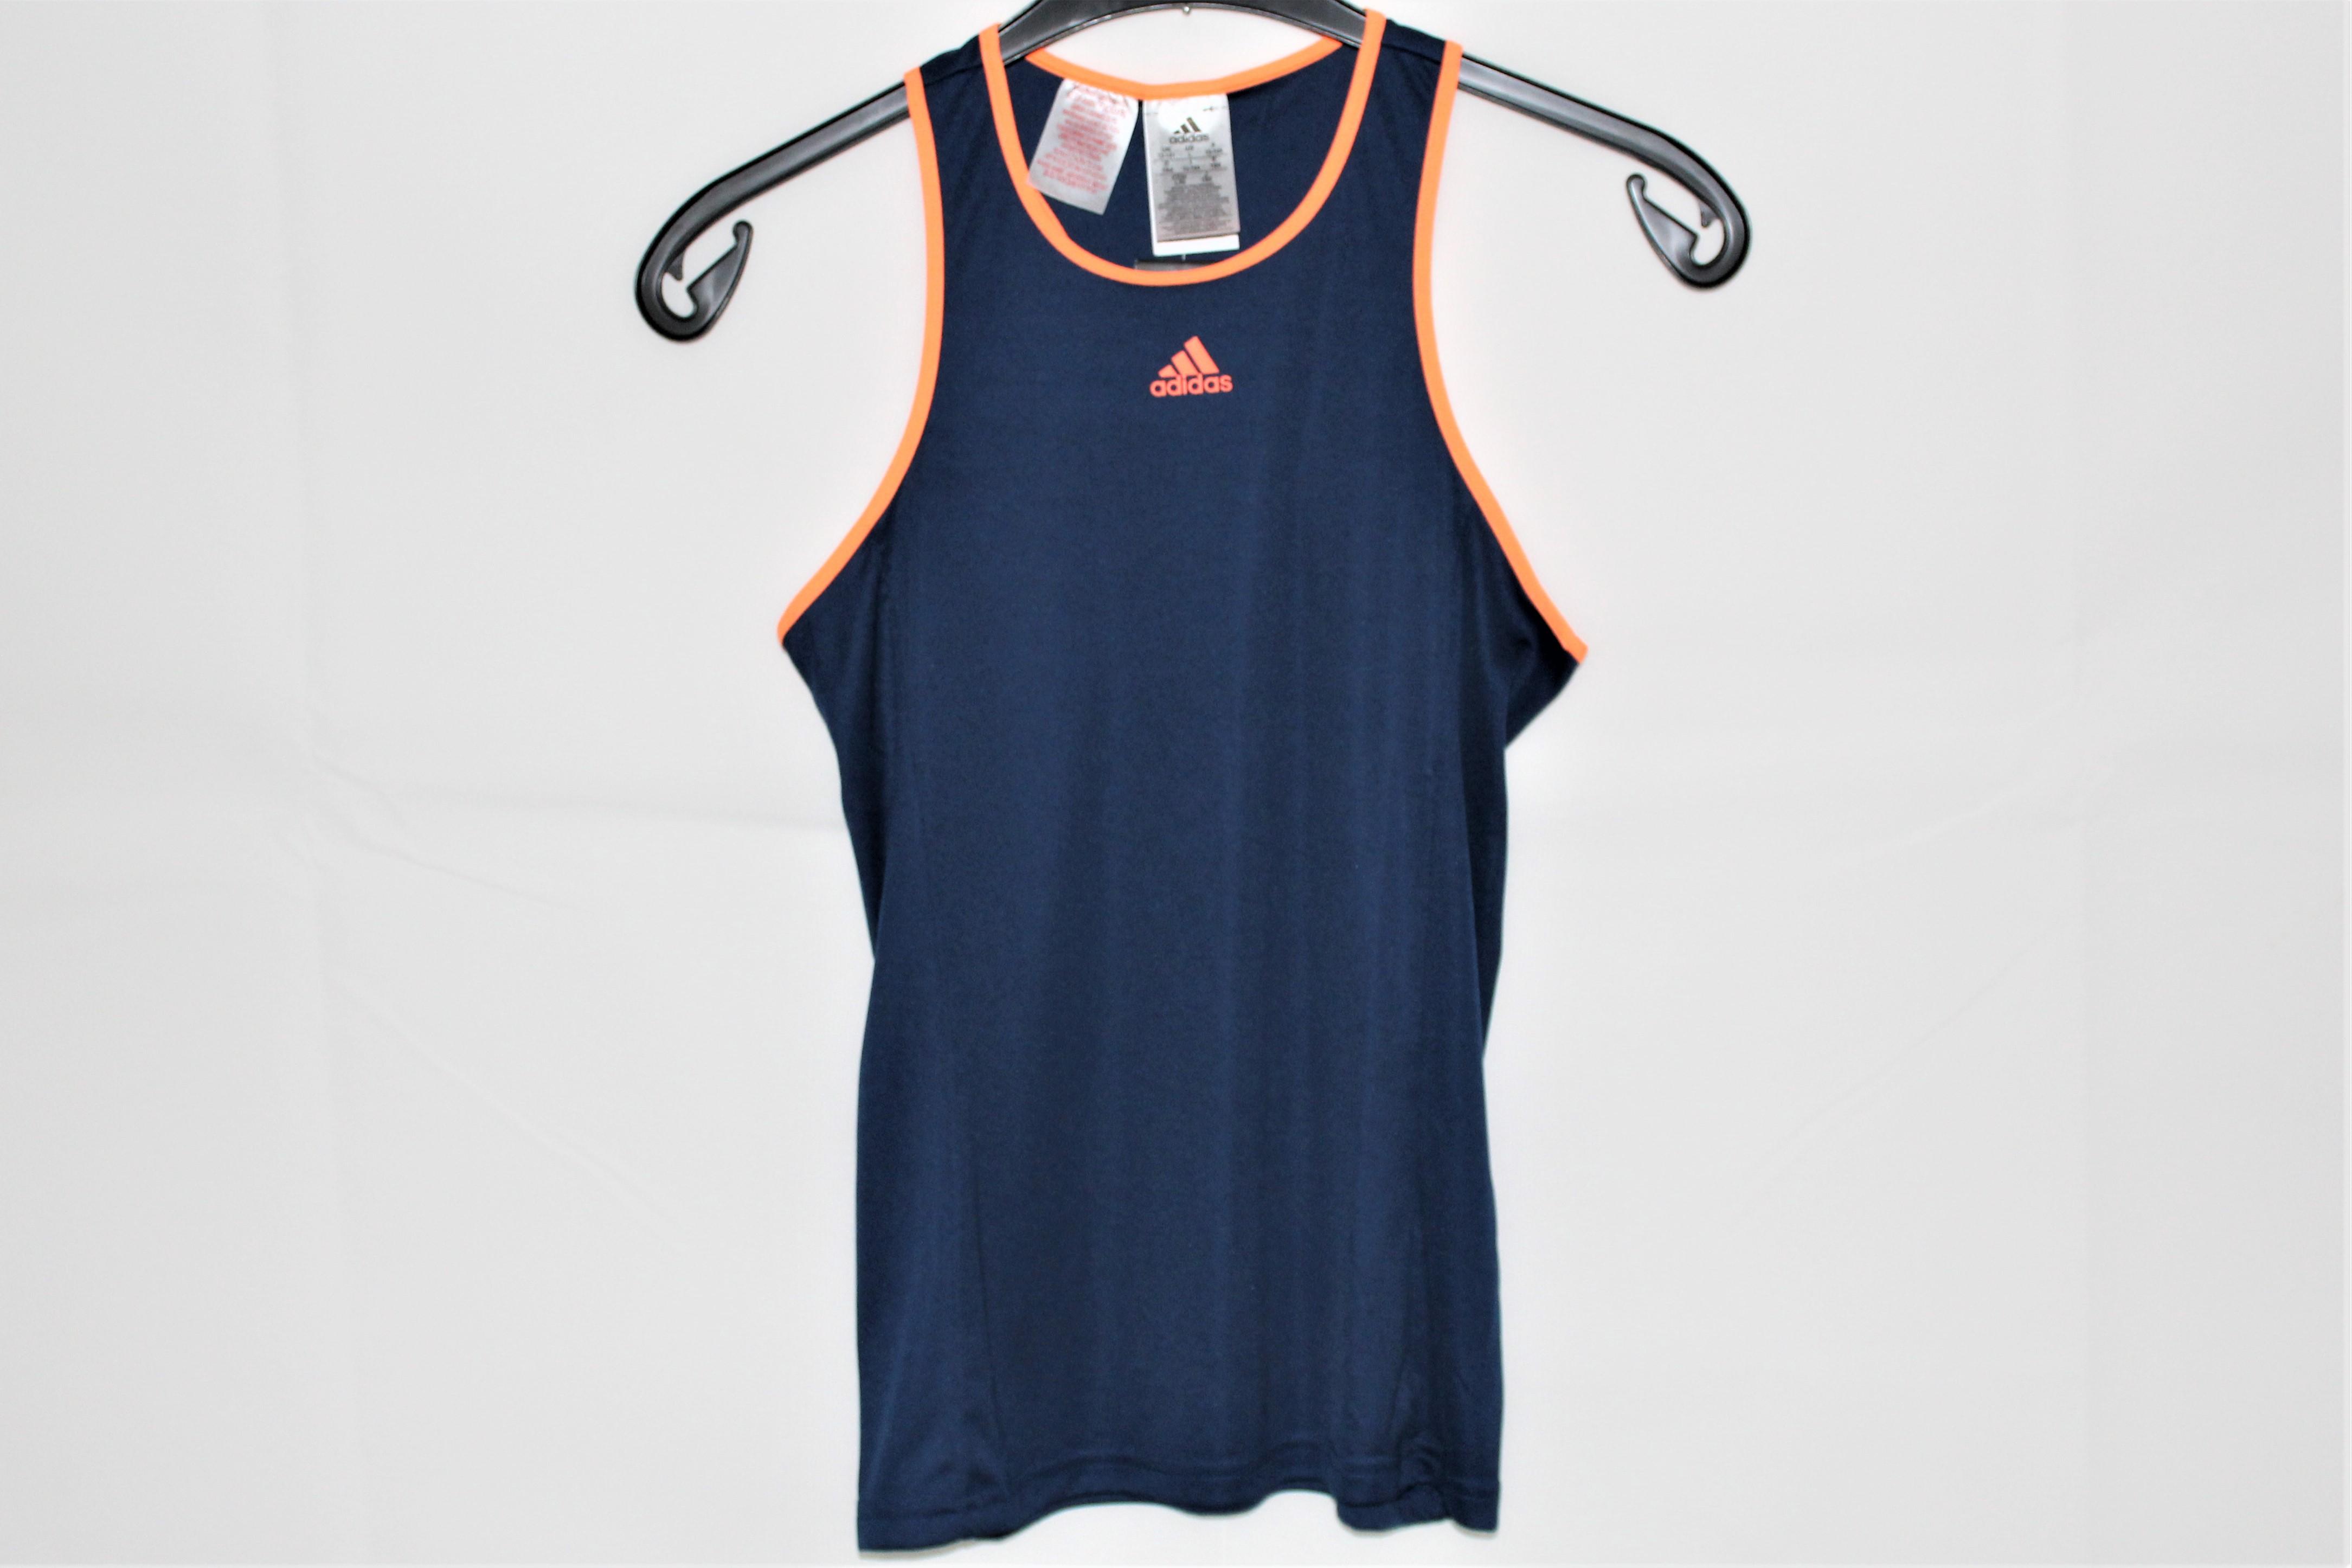 lowest discount latest order online Adidas Kinder Mädchen Tank Top navy-orange